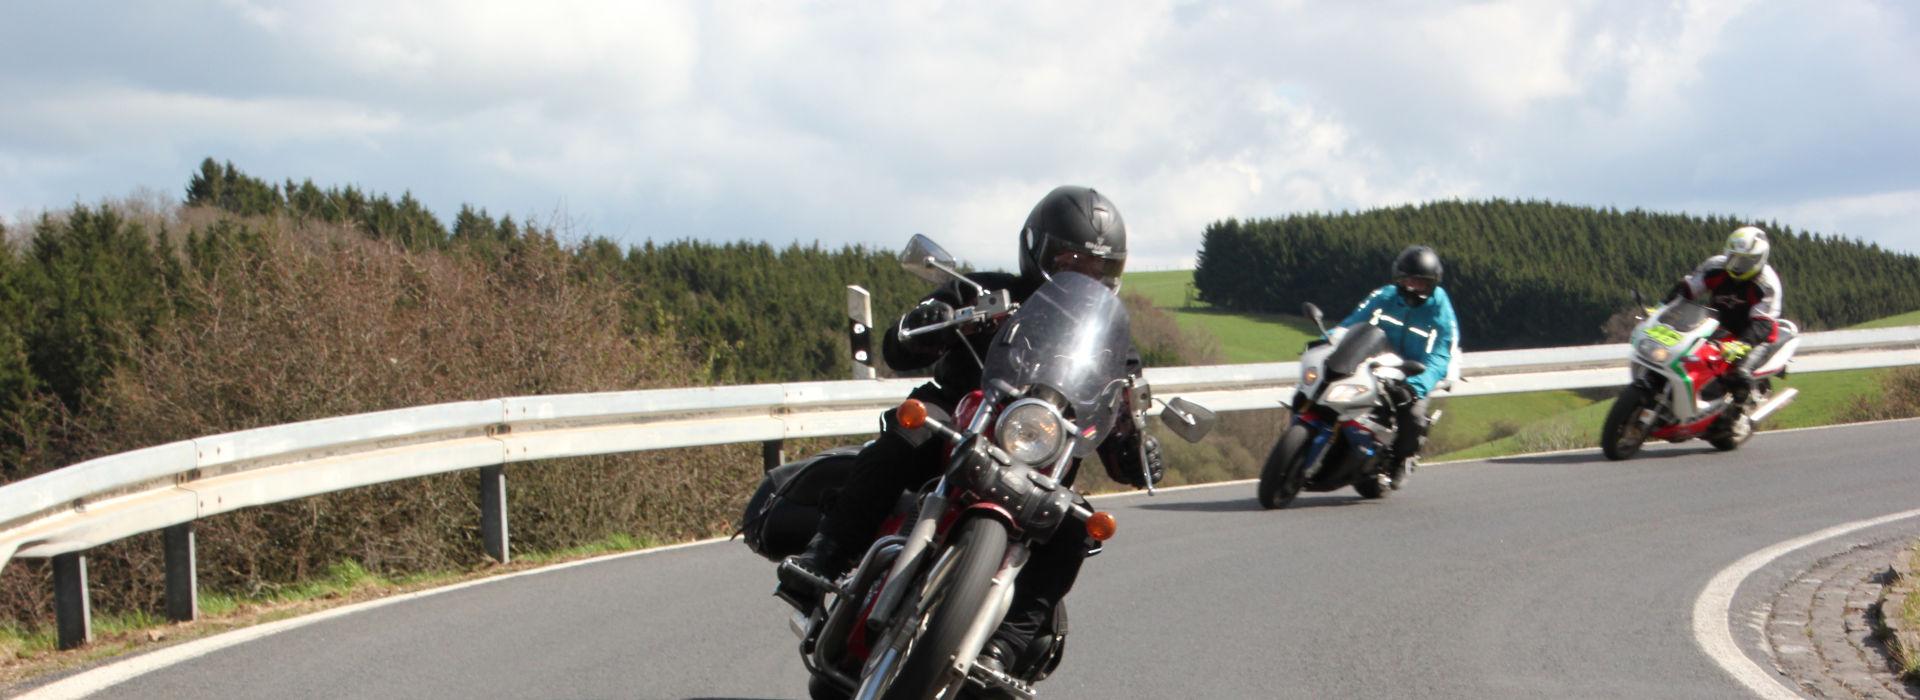 Motorrijbewijspoint Middelburg motorrijlessen